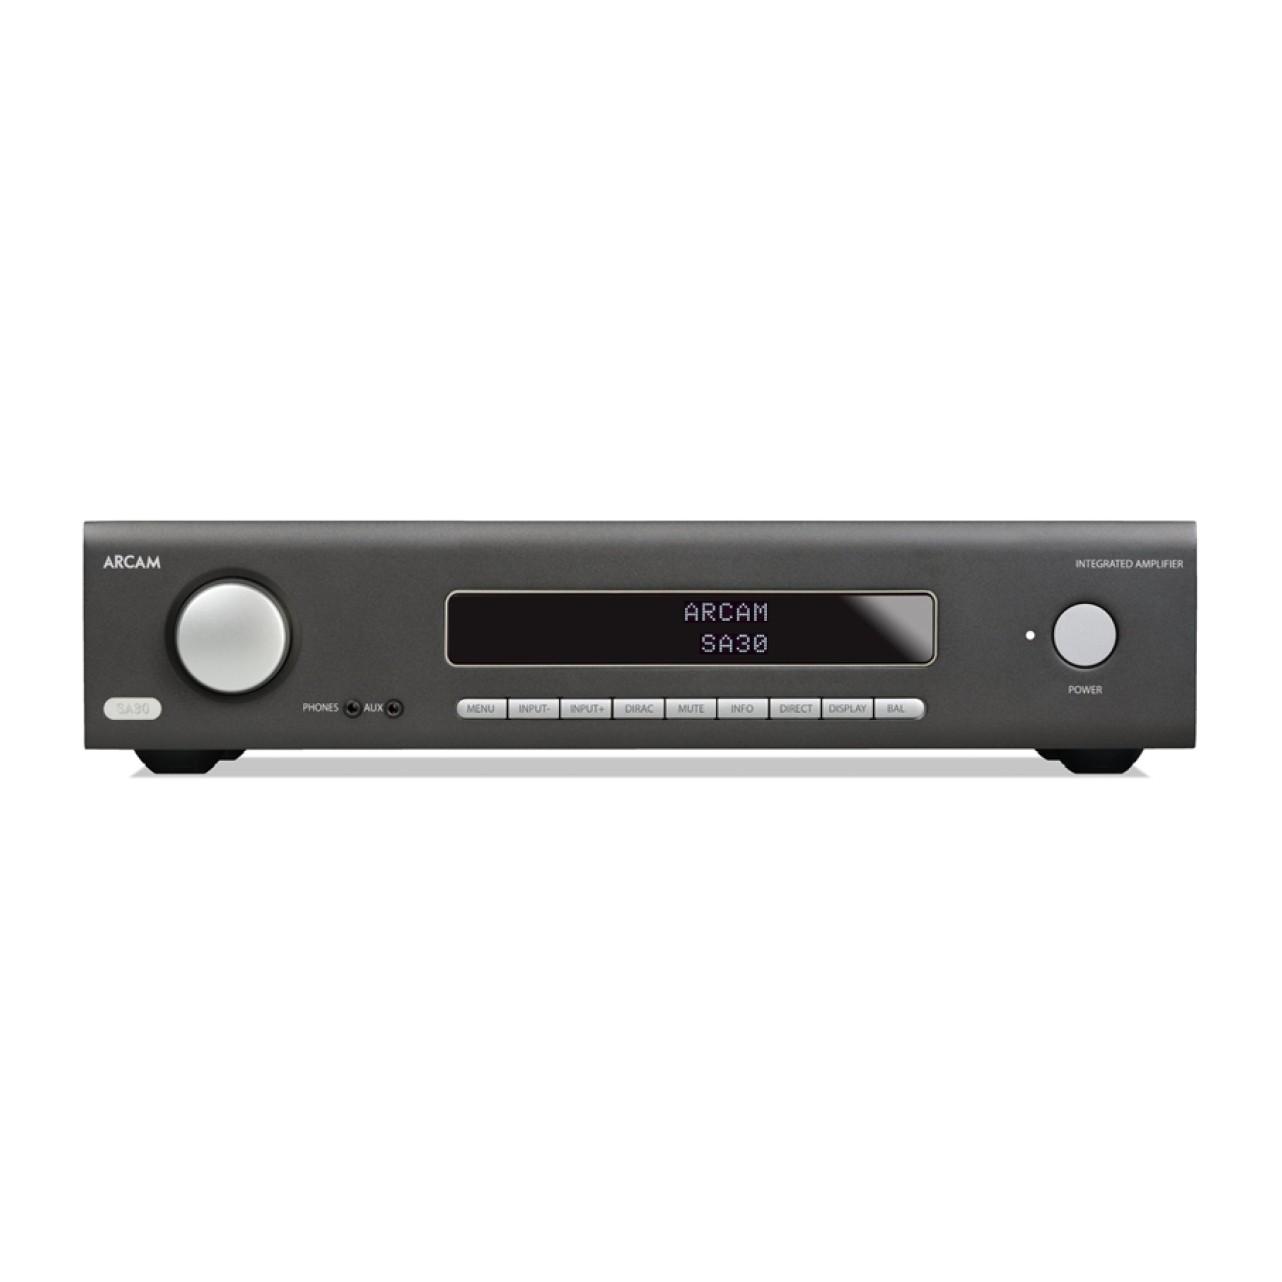 ARCAM SA30 - Amplifier